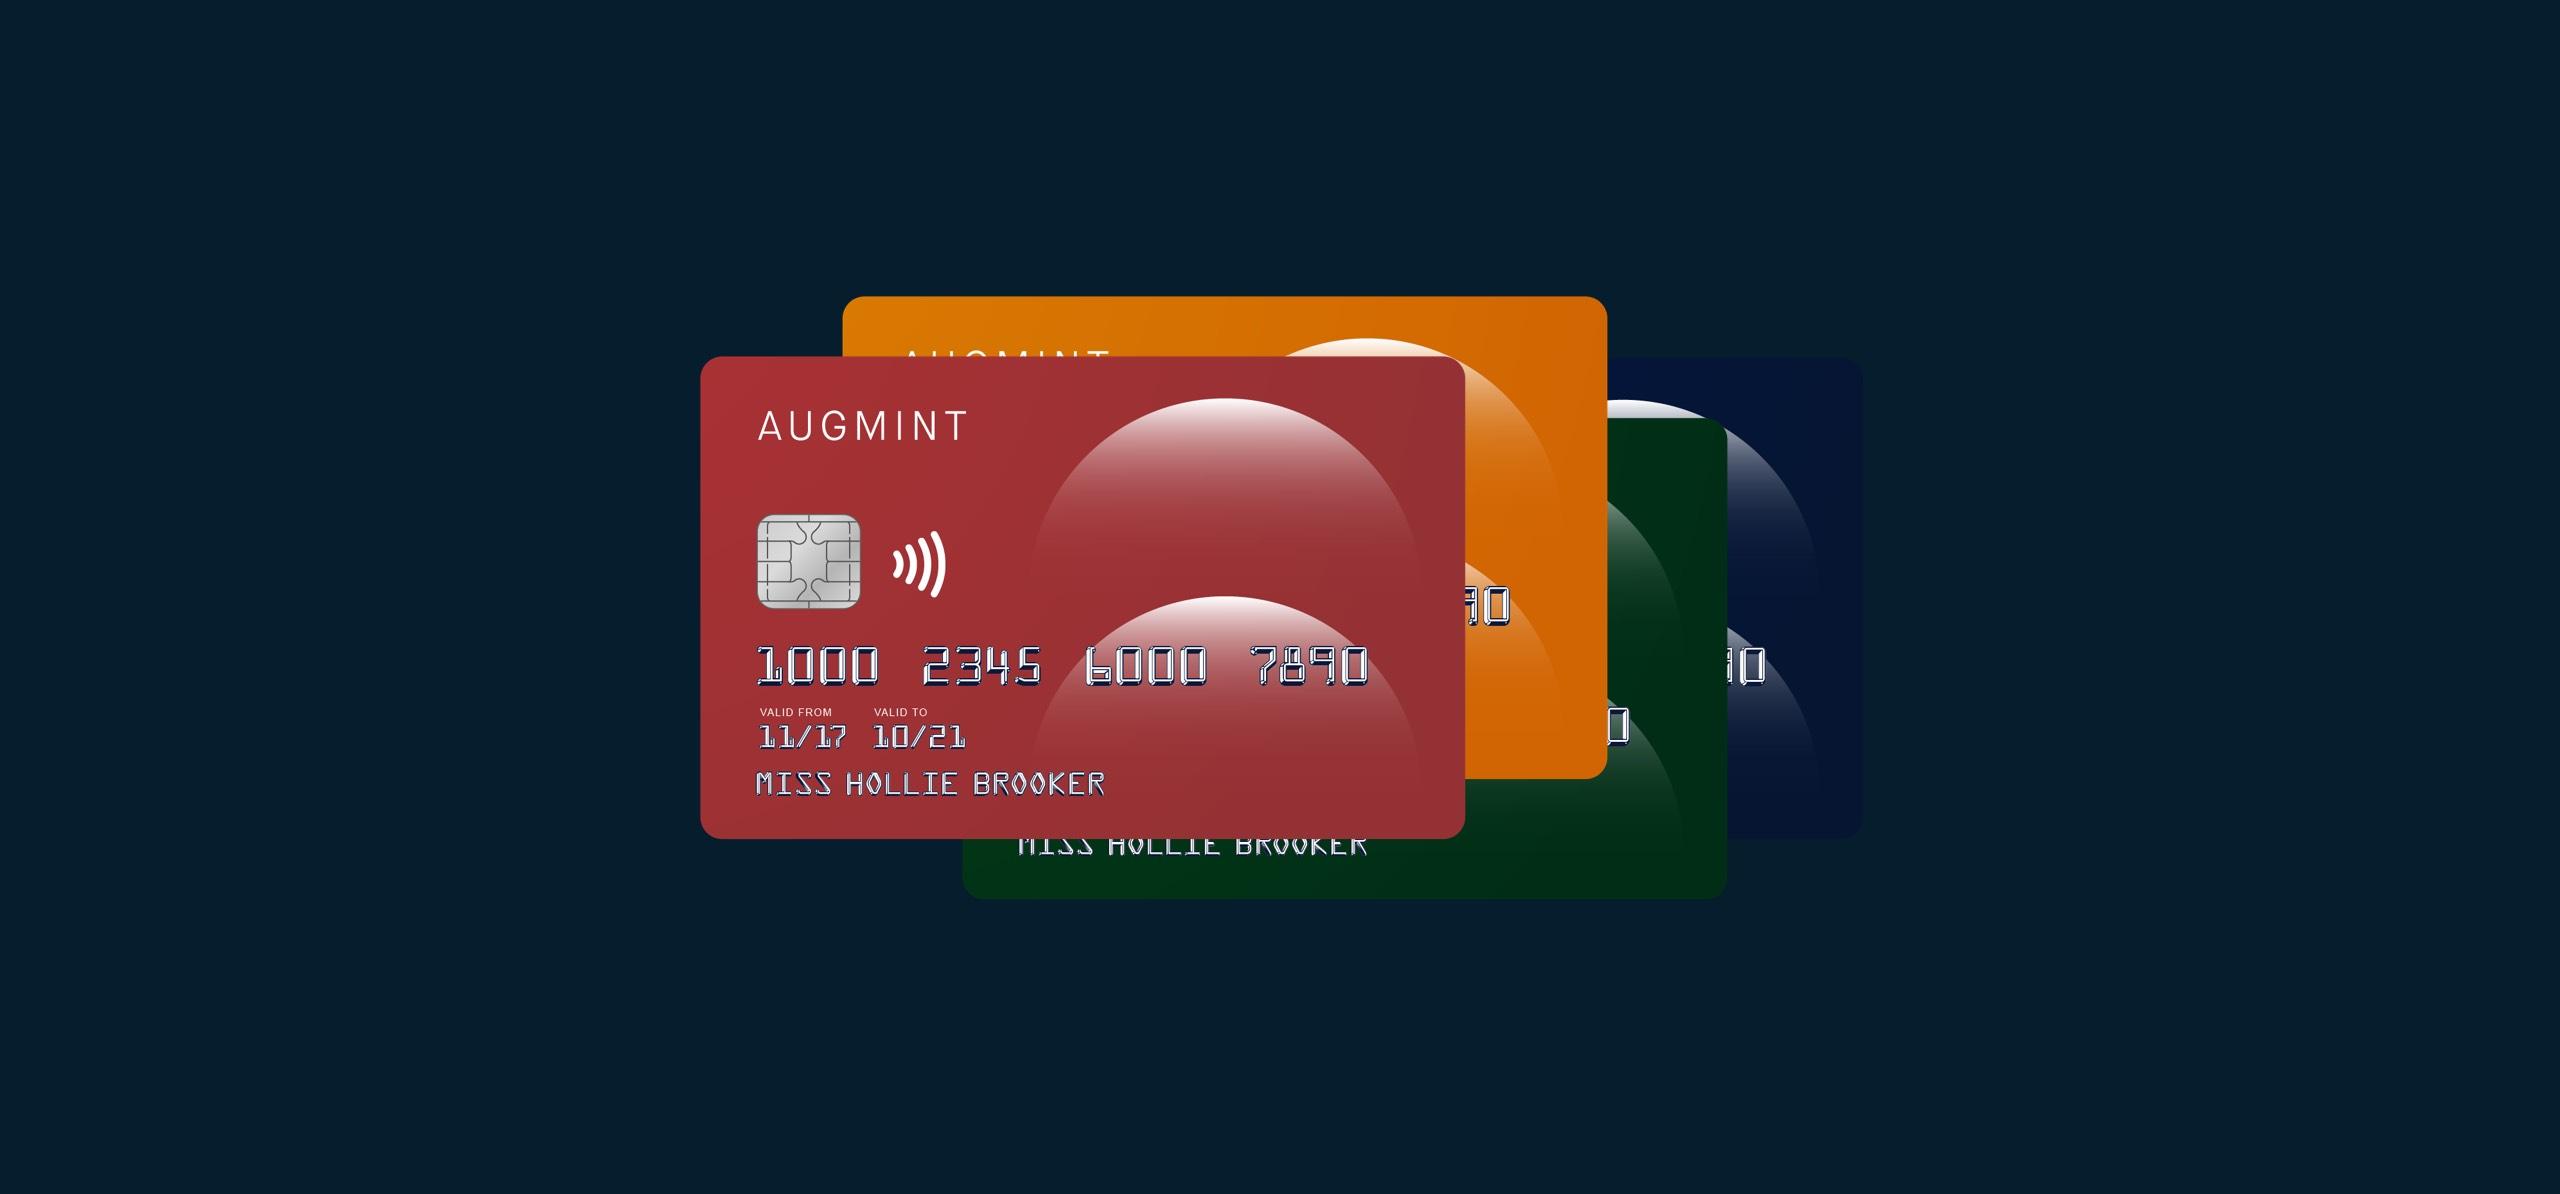 augmint_cards